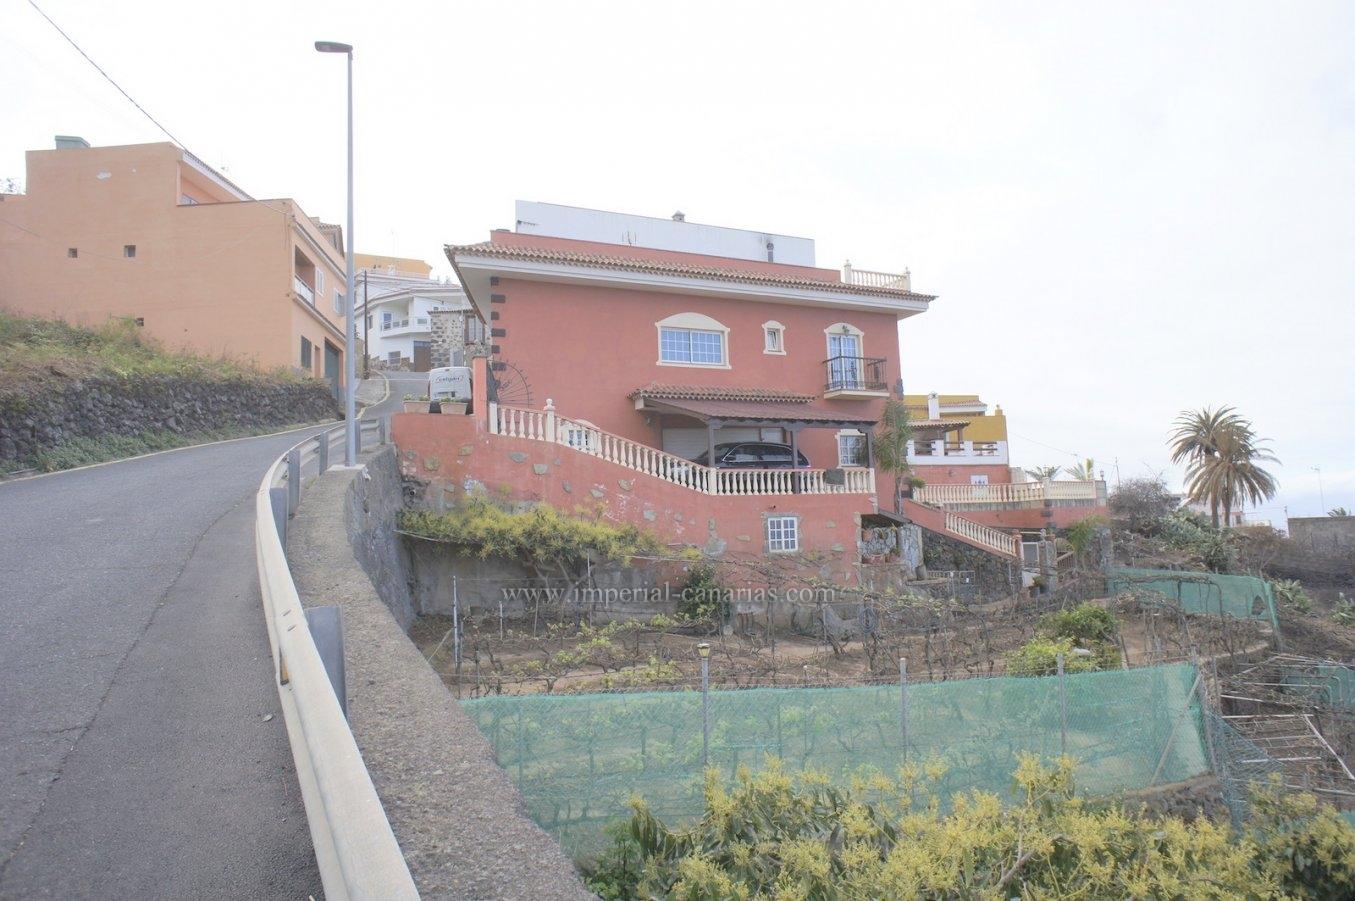 Amplia Casa unifamiliar en zona tranquila y con vistas bonitas